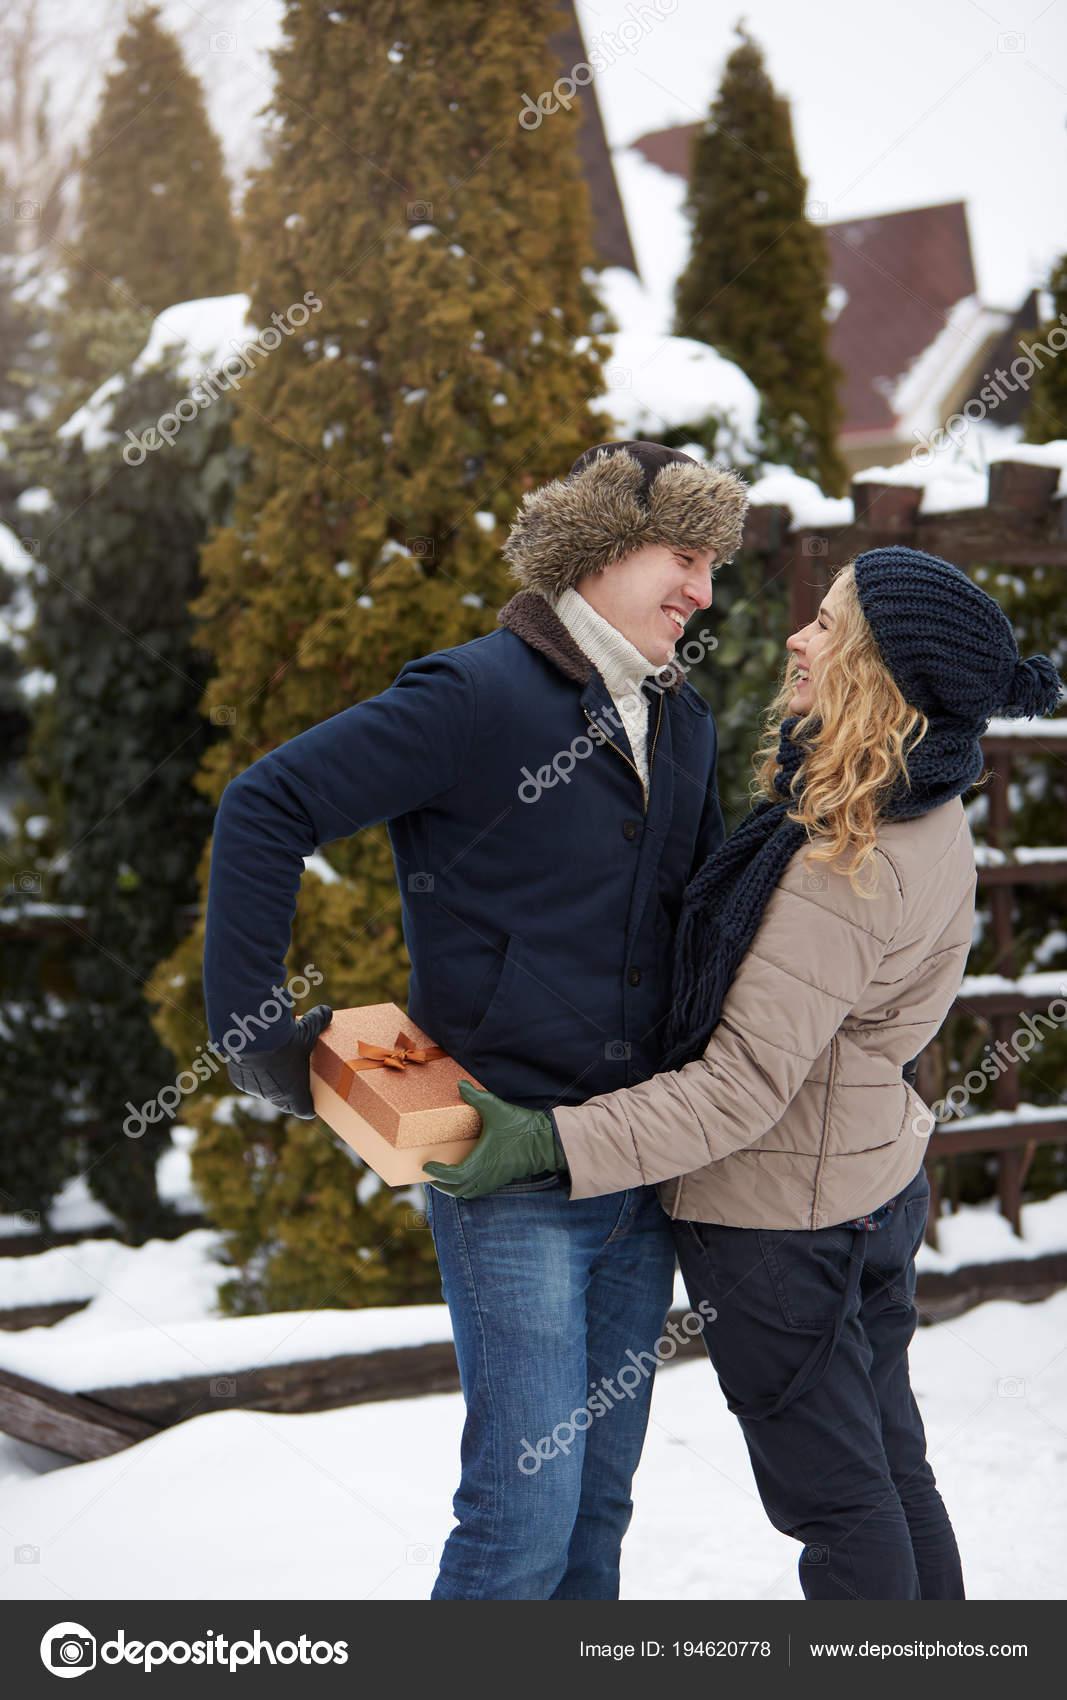 Granger dating